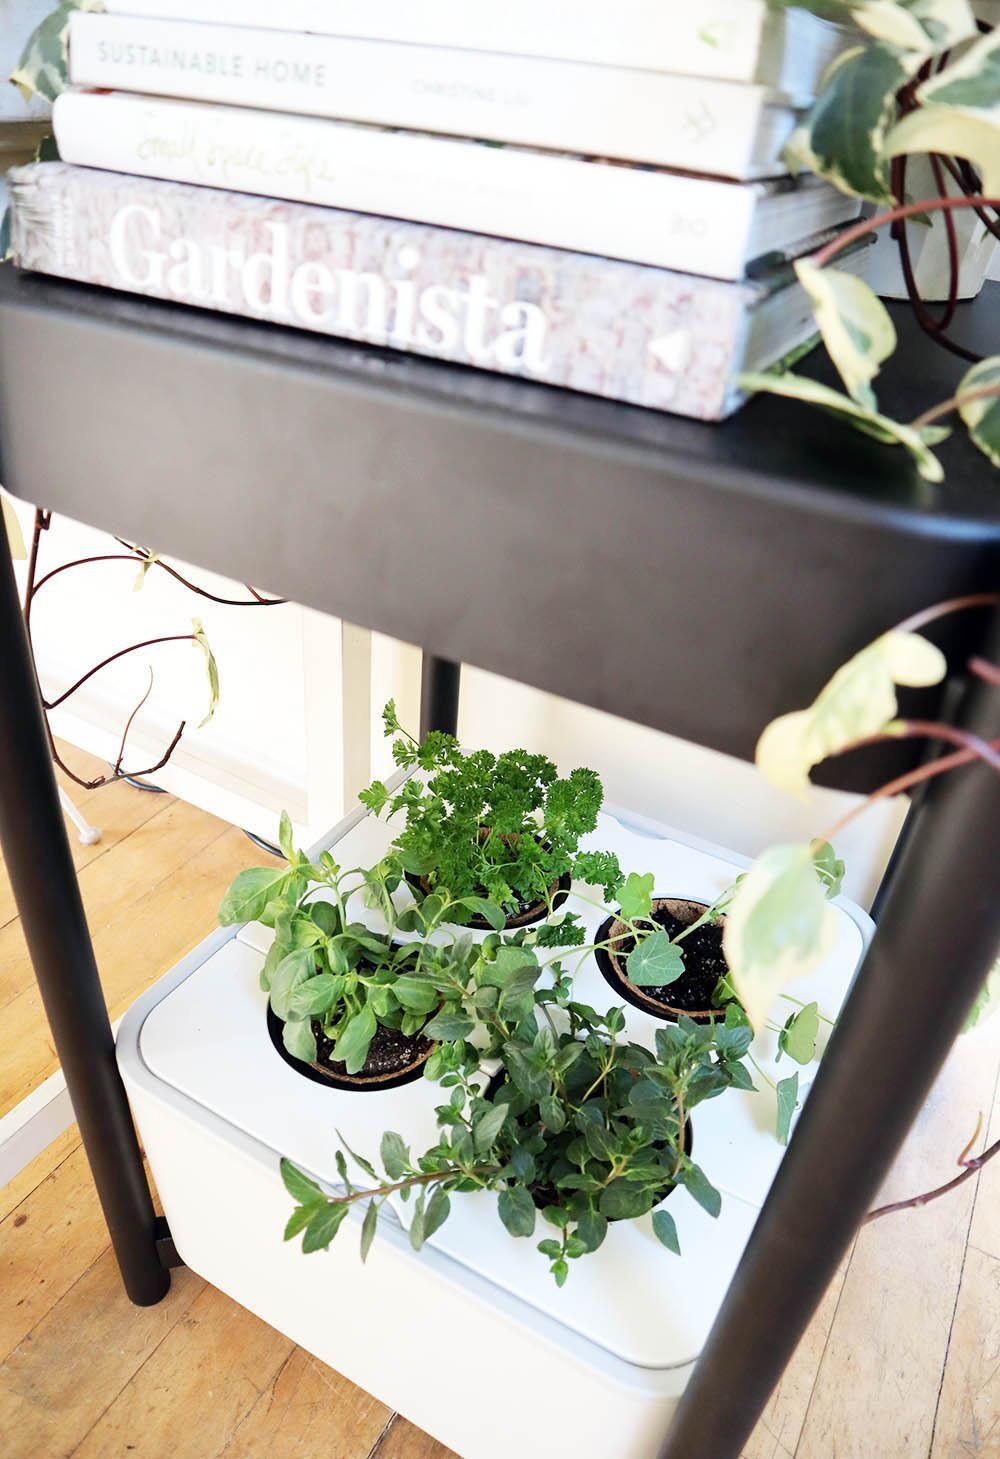 smallspace_garden_indoors.jpg